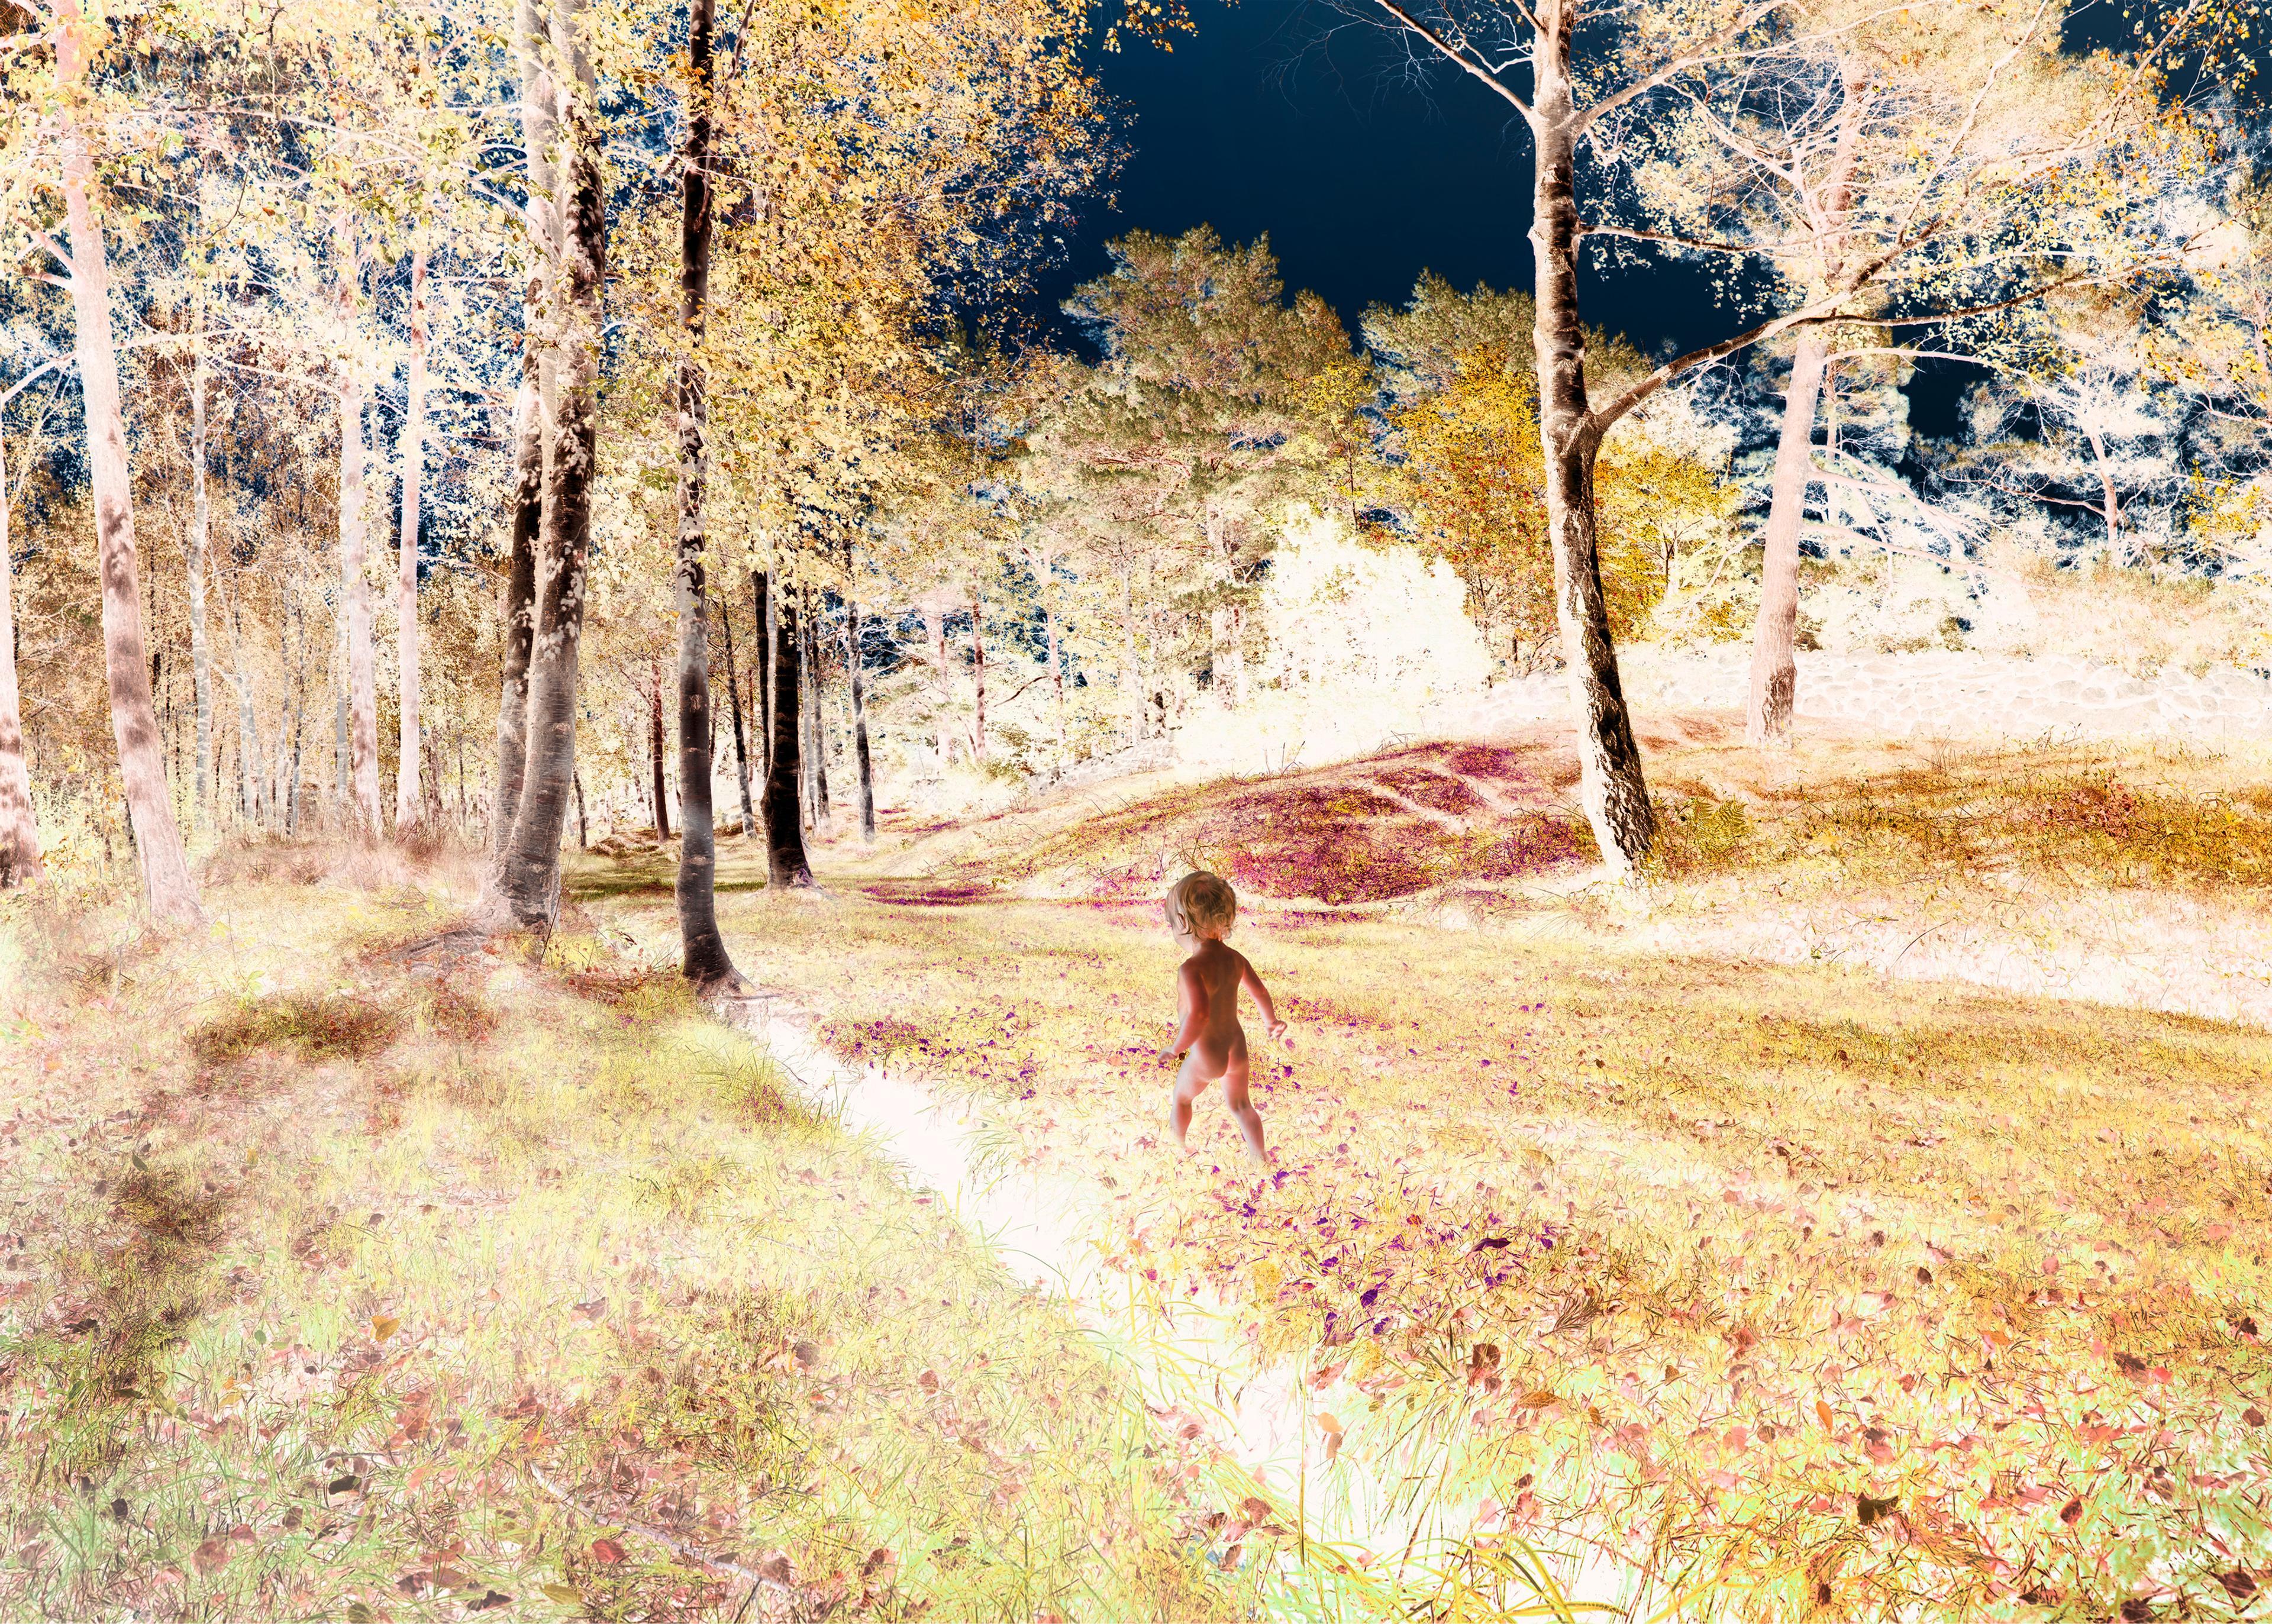 artwork Claude Monet dreaming of summer by Ivo von Renner